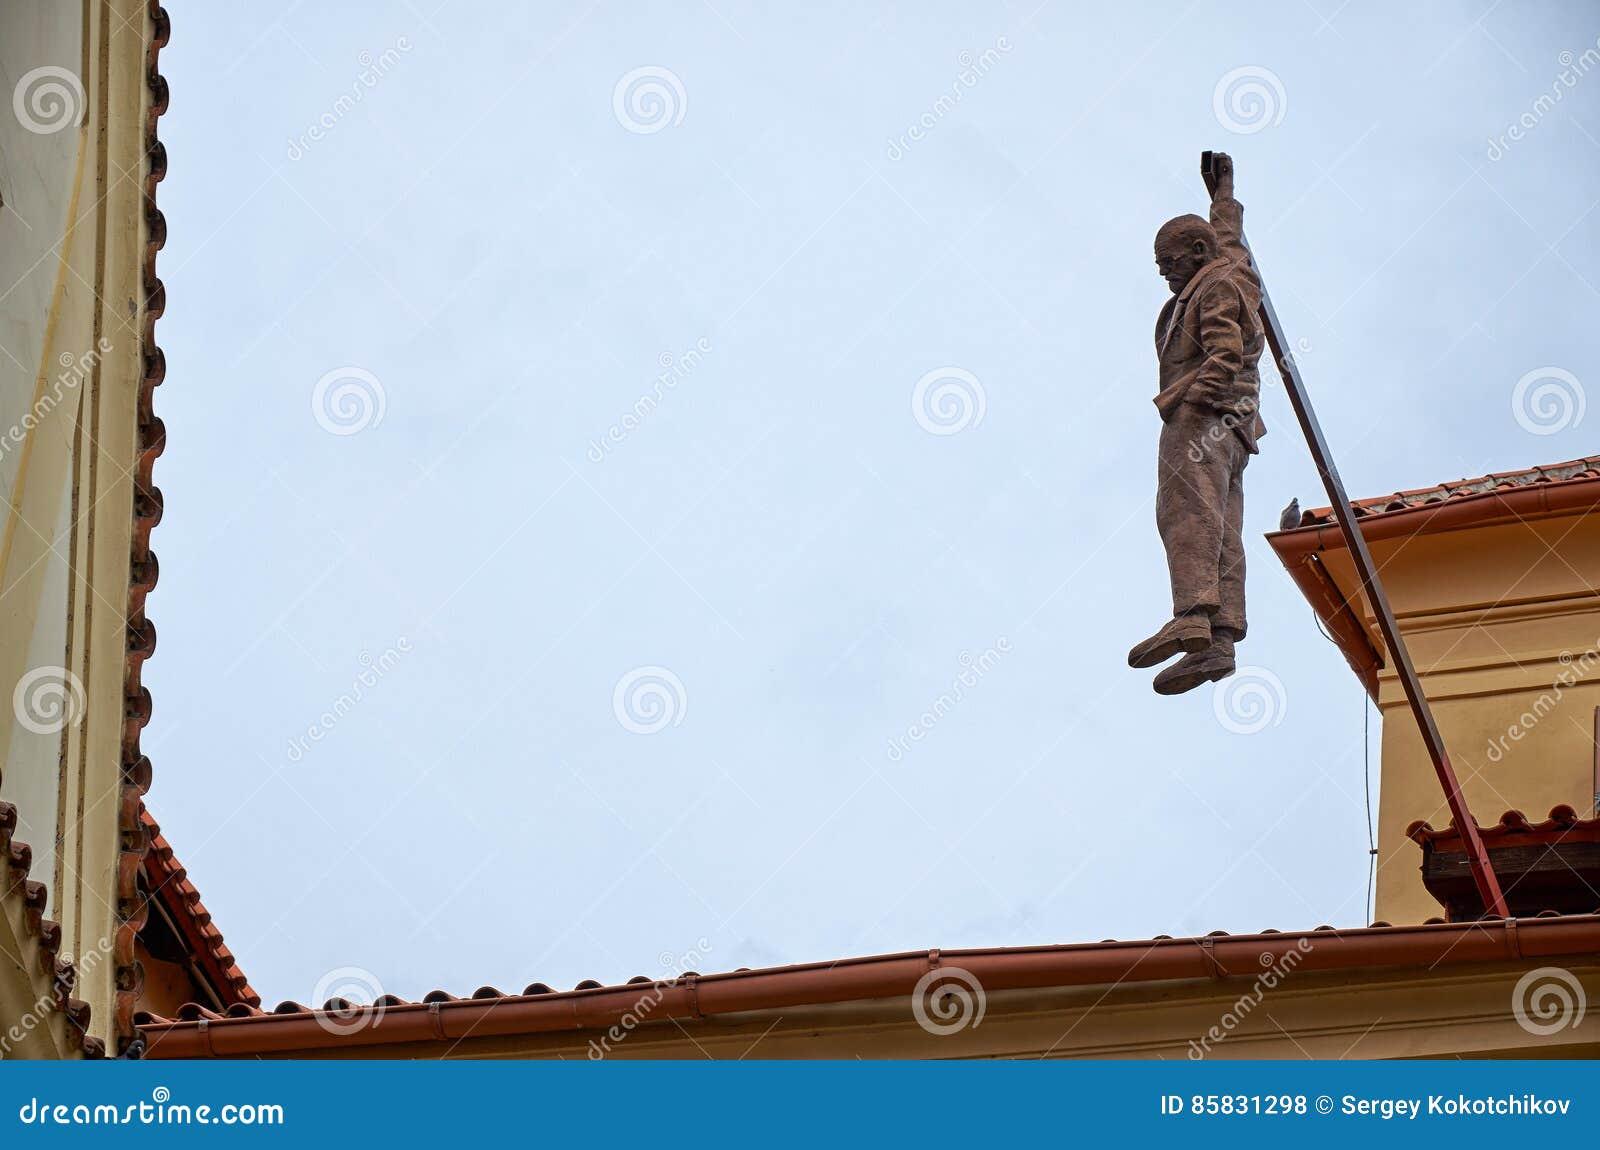 1597c25fcf0 Czech Republic. Sculpture Of David Black Hanging Seven Foot Sigmund ...